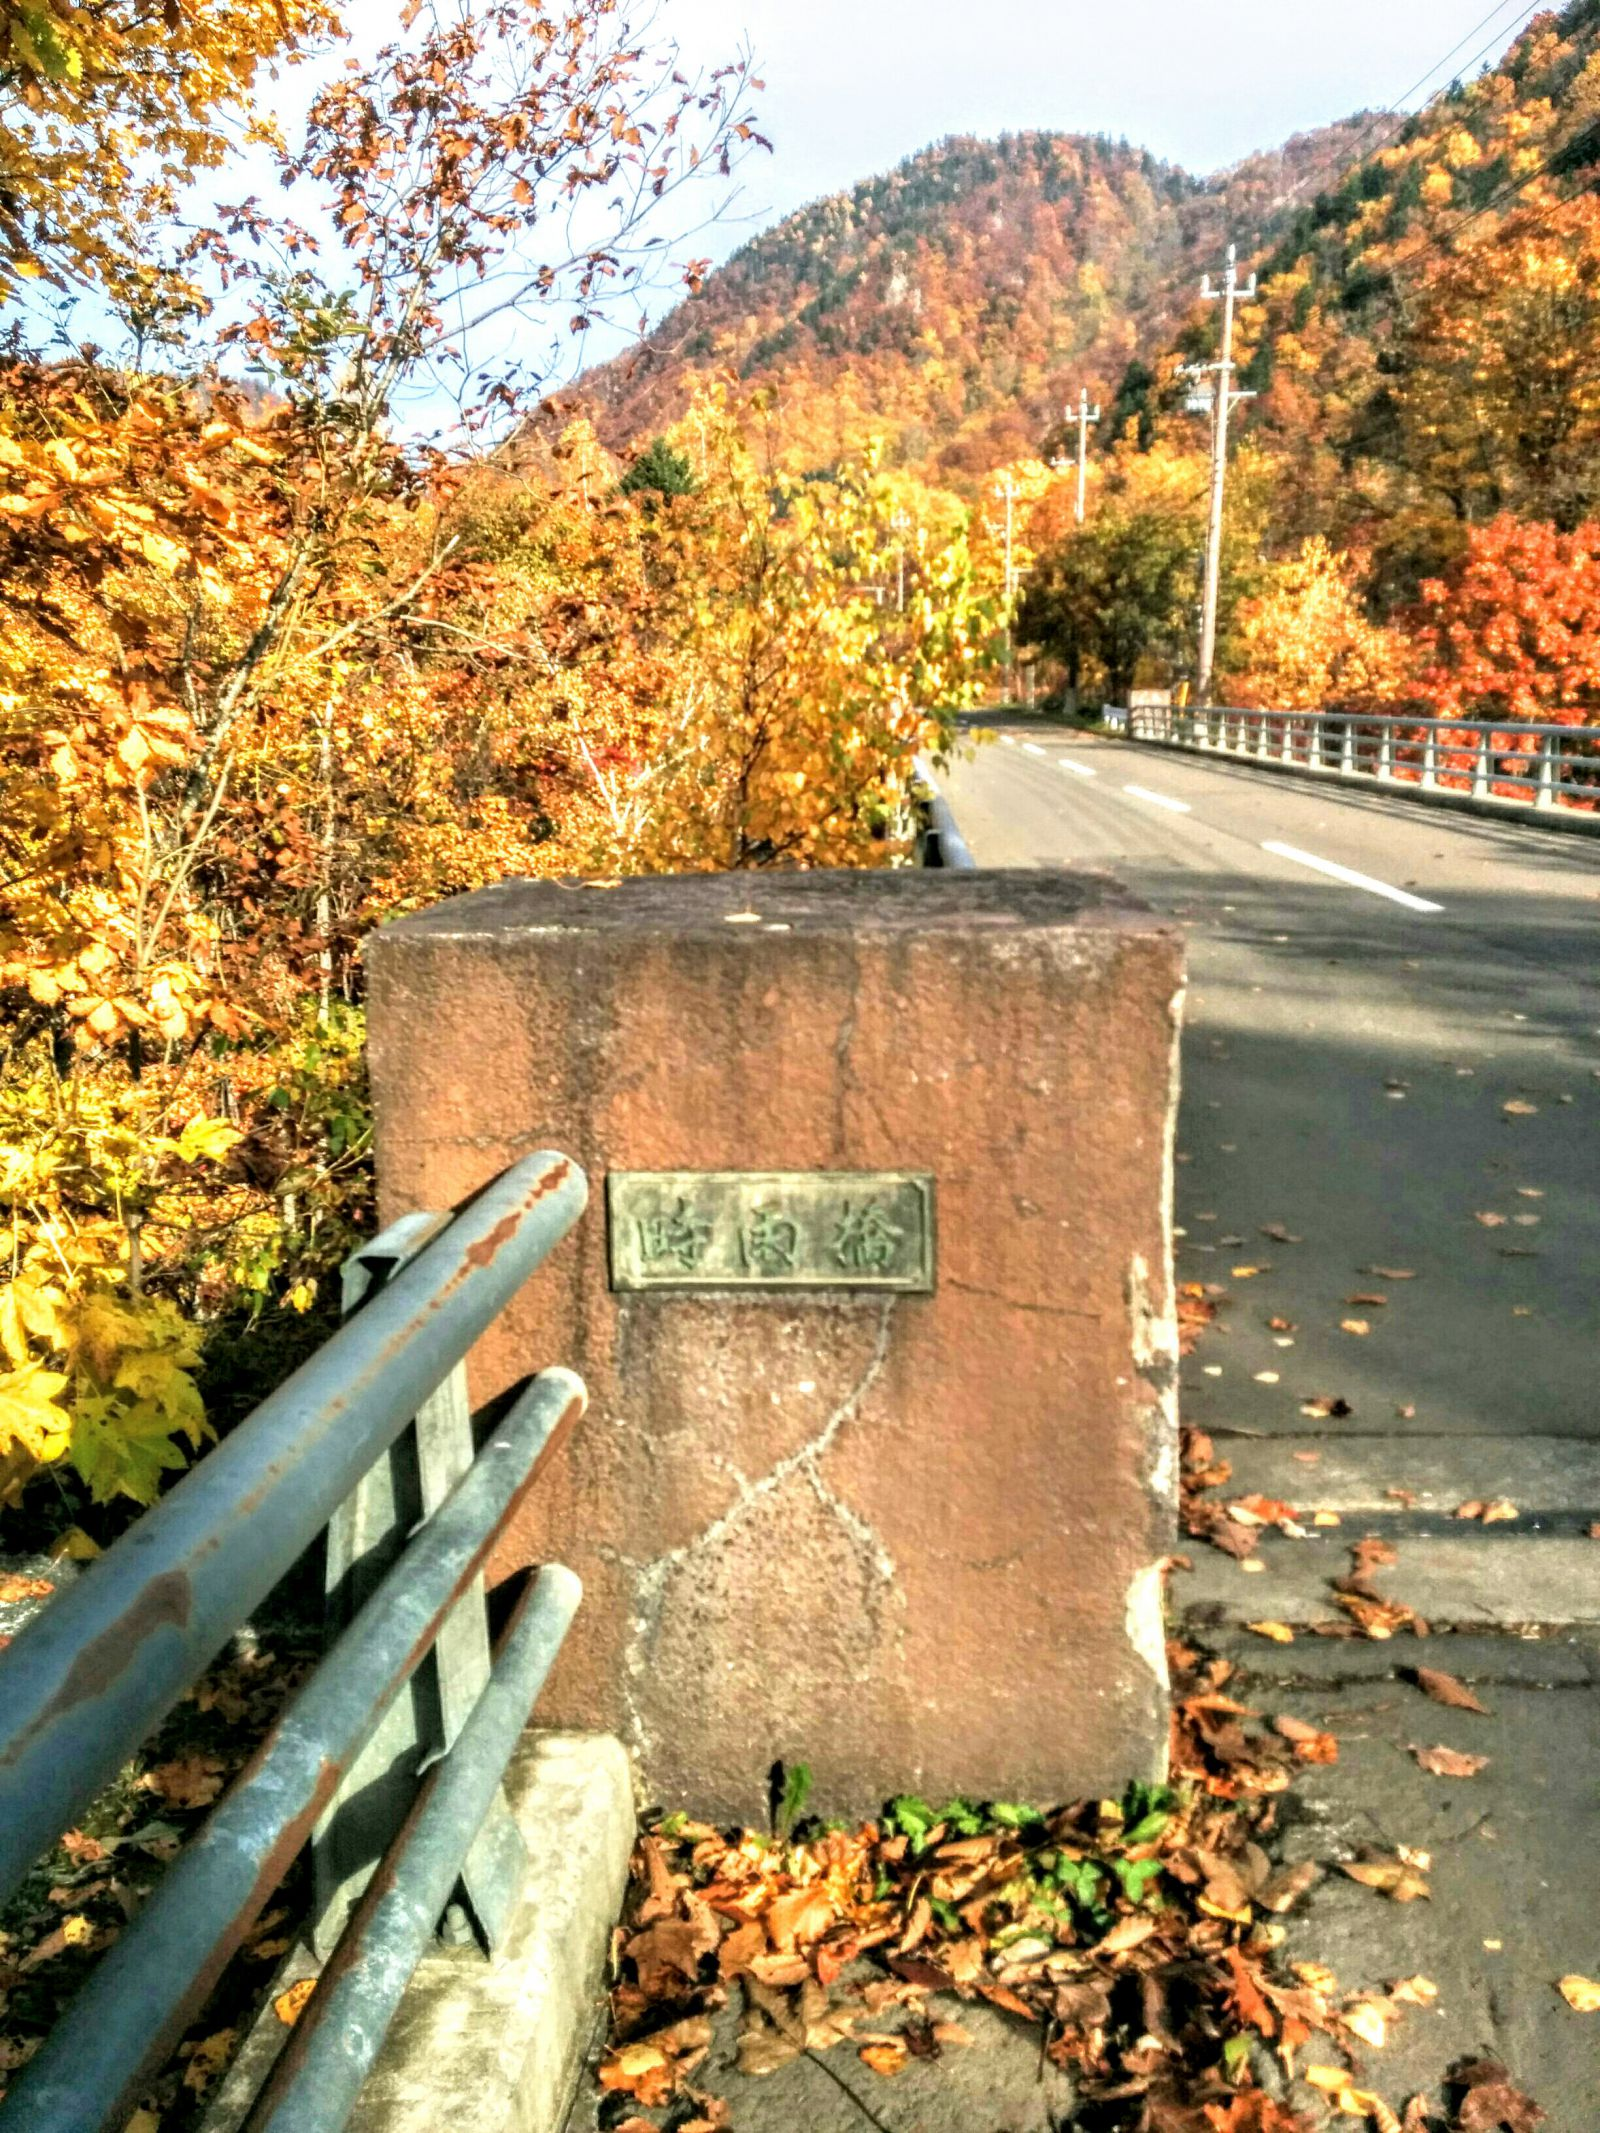 【定山渓温泉】紅葉の定山渓温泉・時雨橋観光案内です。